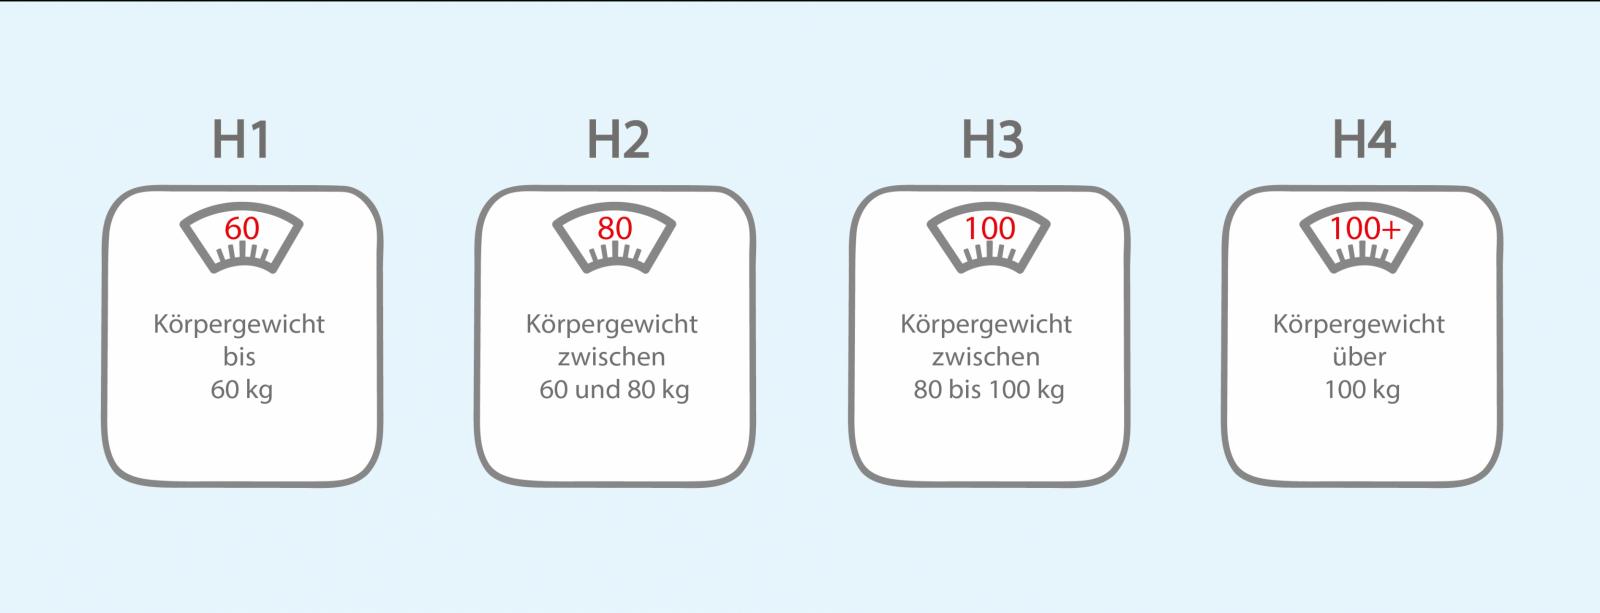 Matratzen Härtegrad H1 Bis H5  Welcher Passt Zu Ihnen von Welchen Härtegrad Brauche Ich Bild